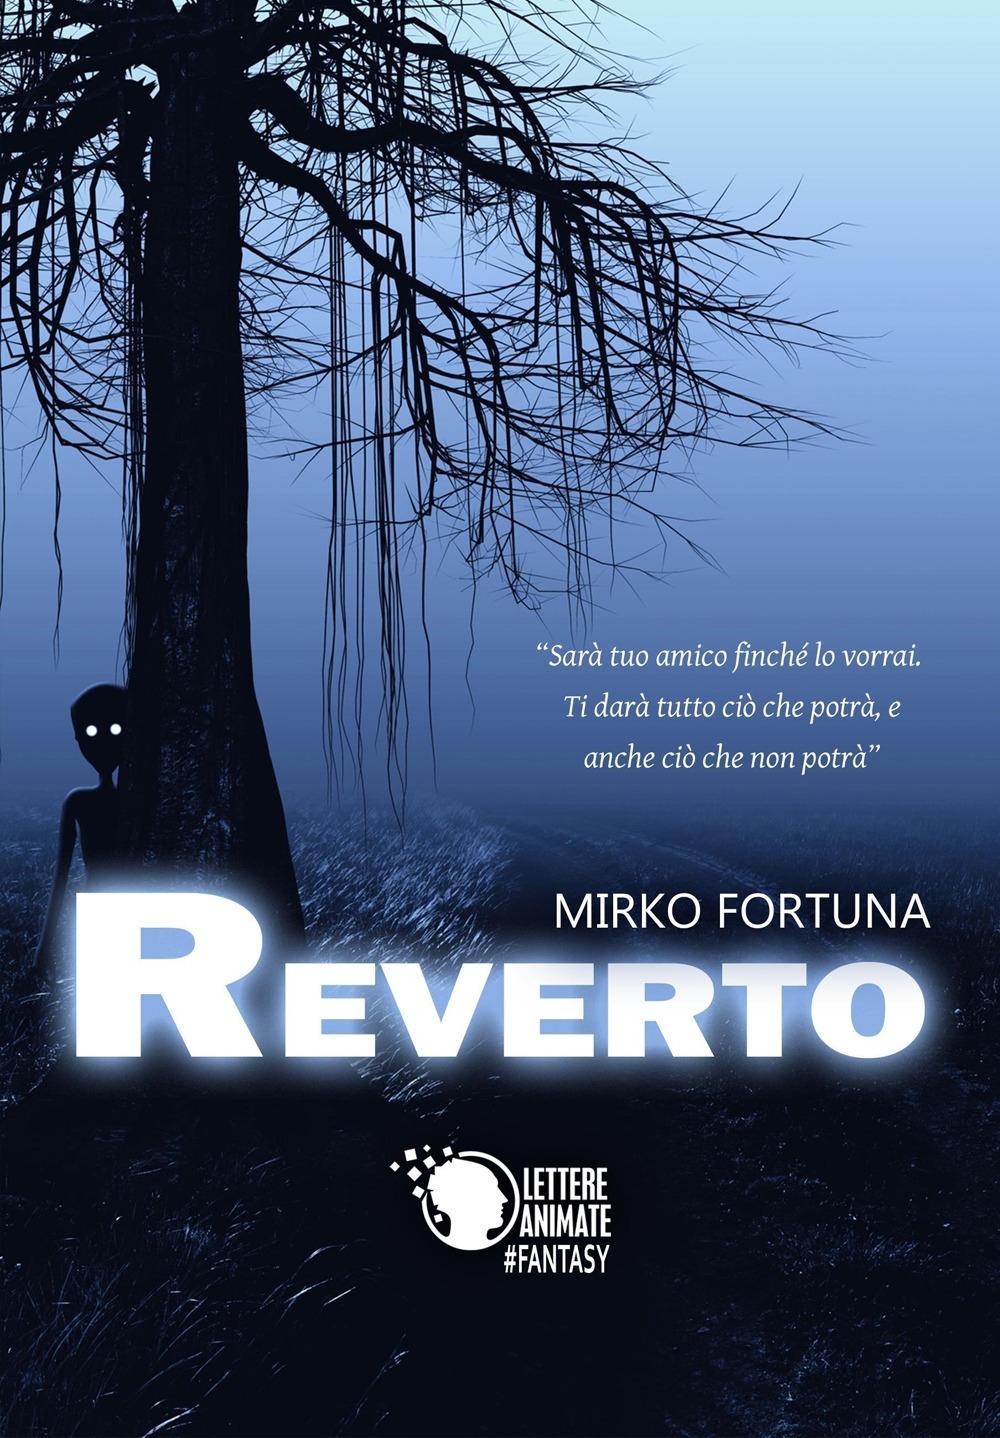 Reverto